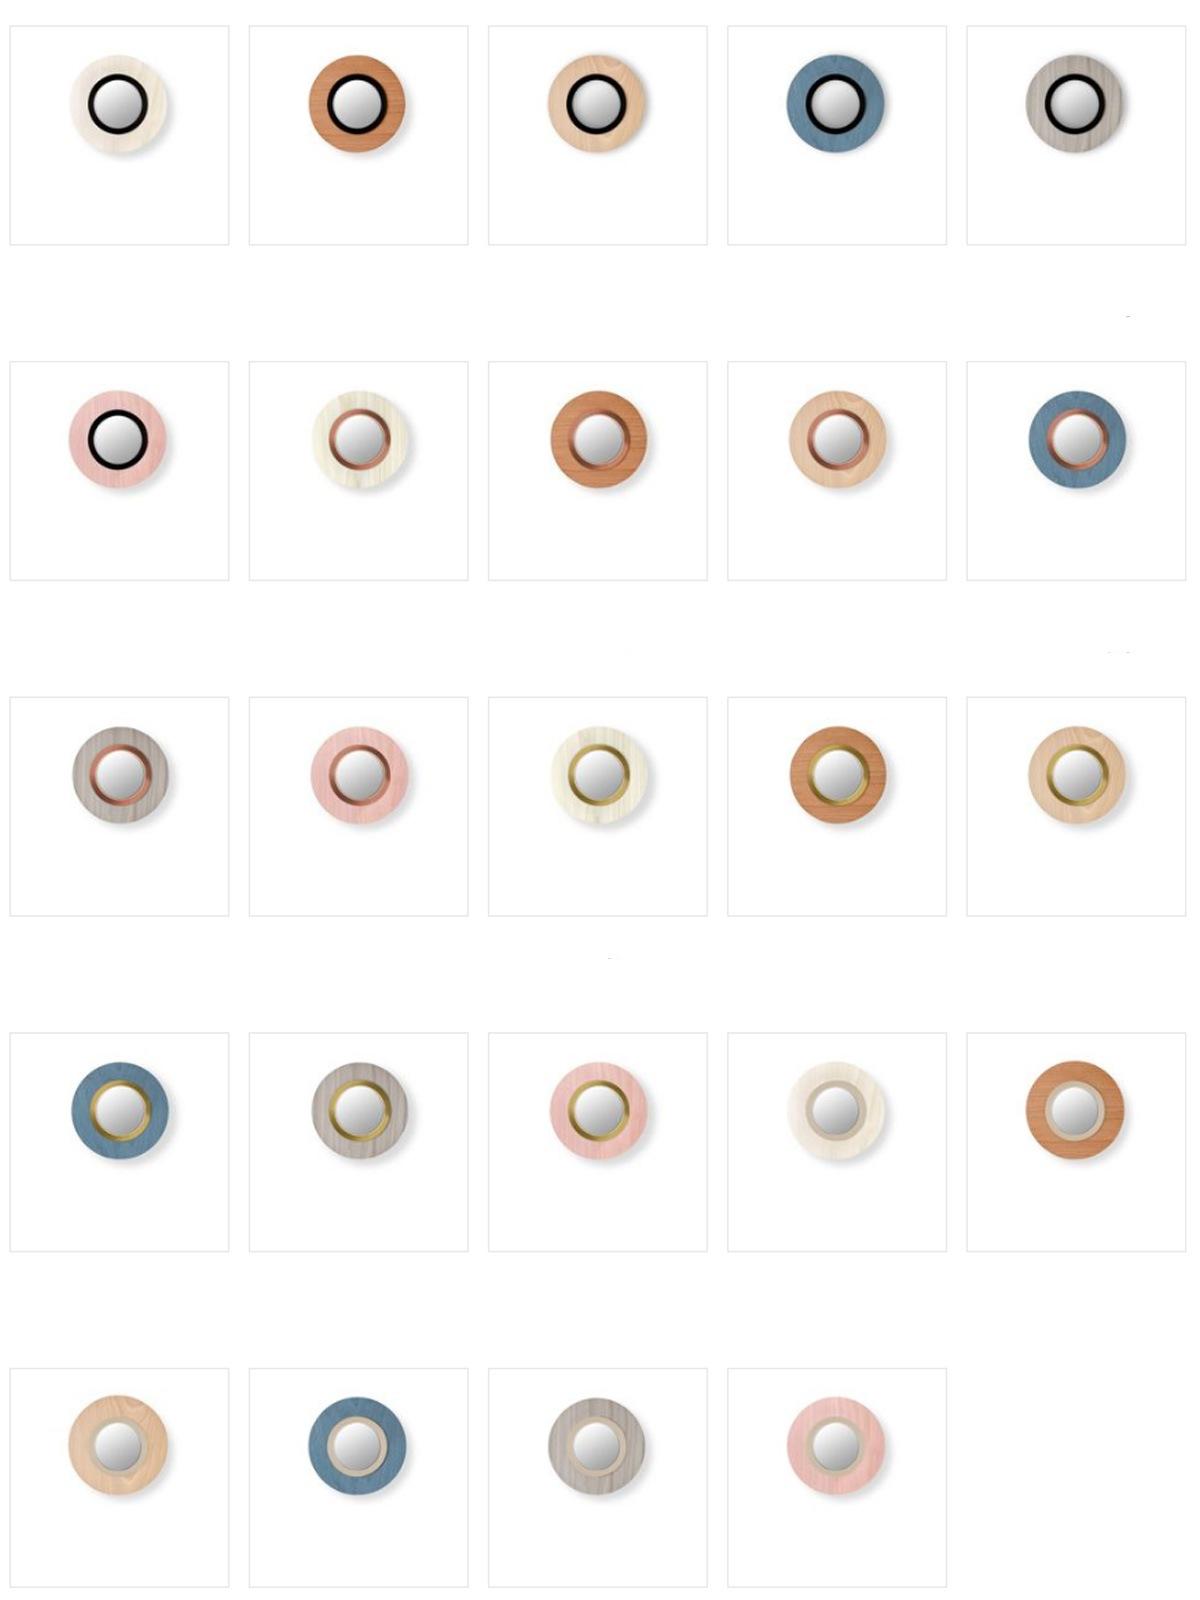 Lens A R Runde Wandleuchte Circular Wall LZF Lamps Designort Berlin Lampen